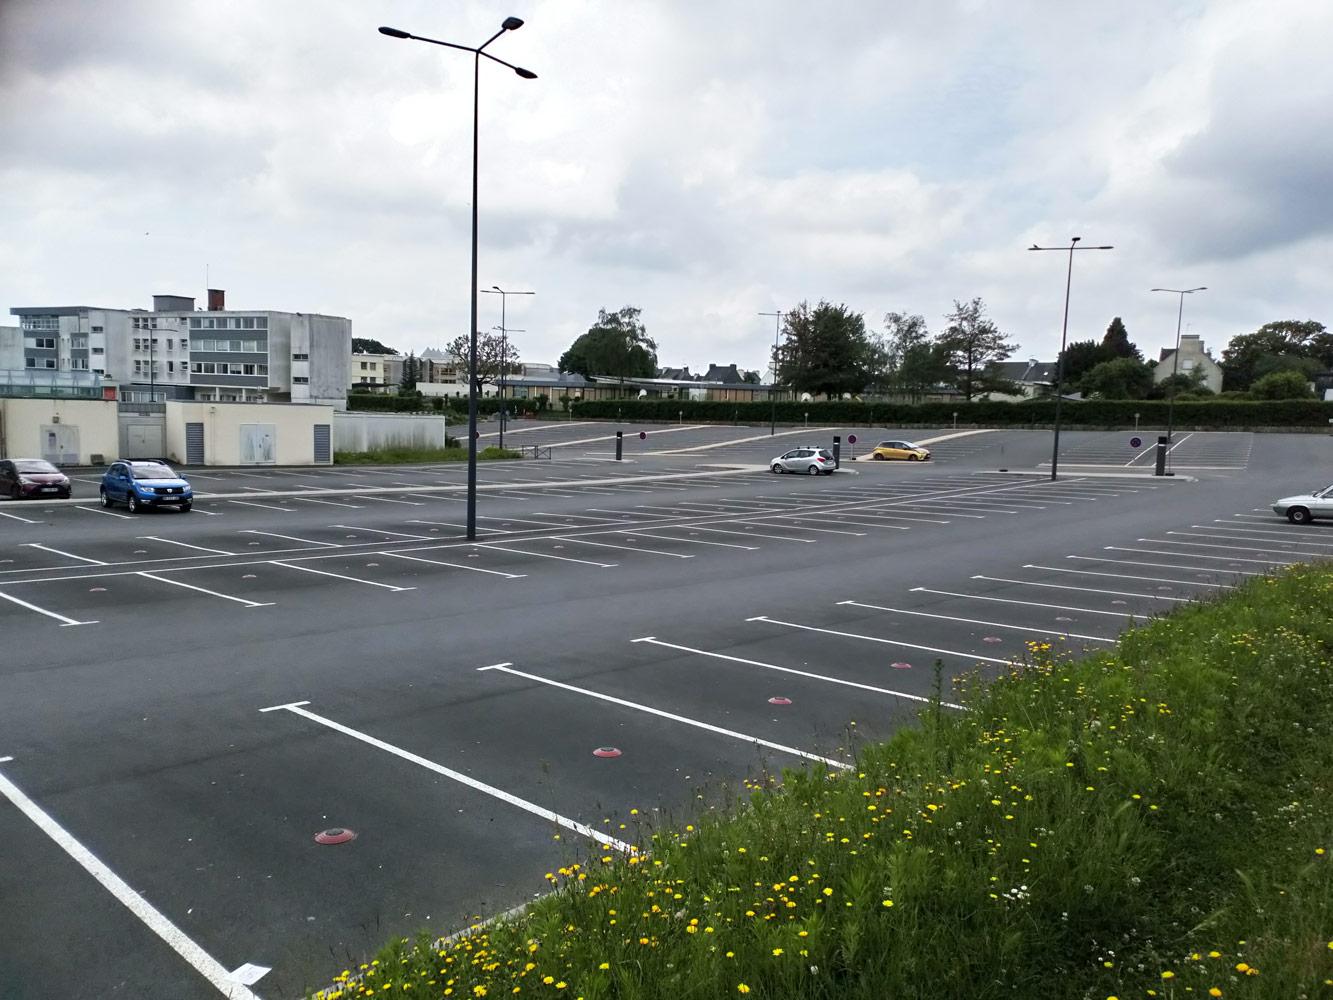 Les parkings : de la place prise bêtement.